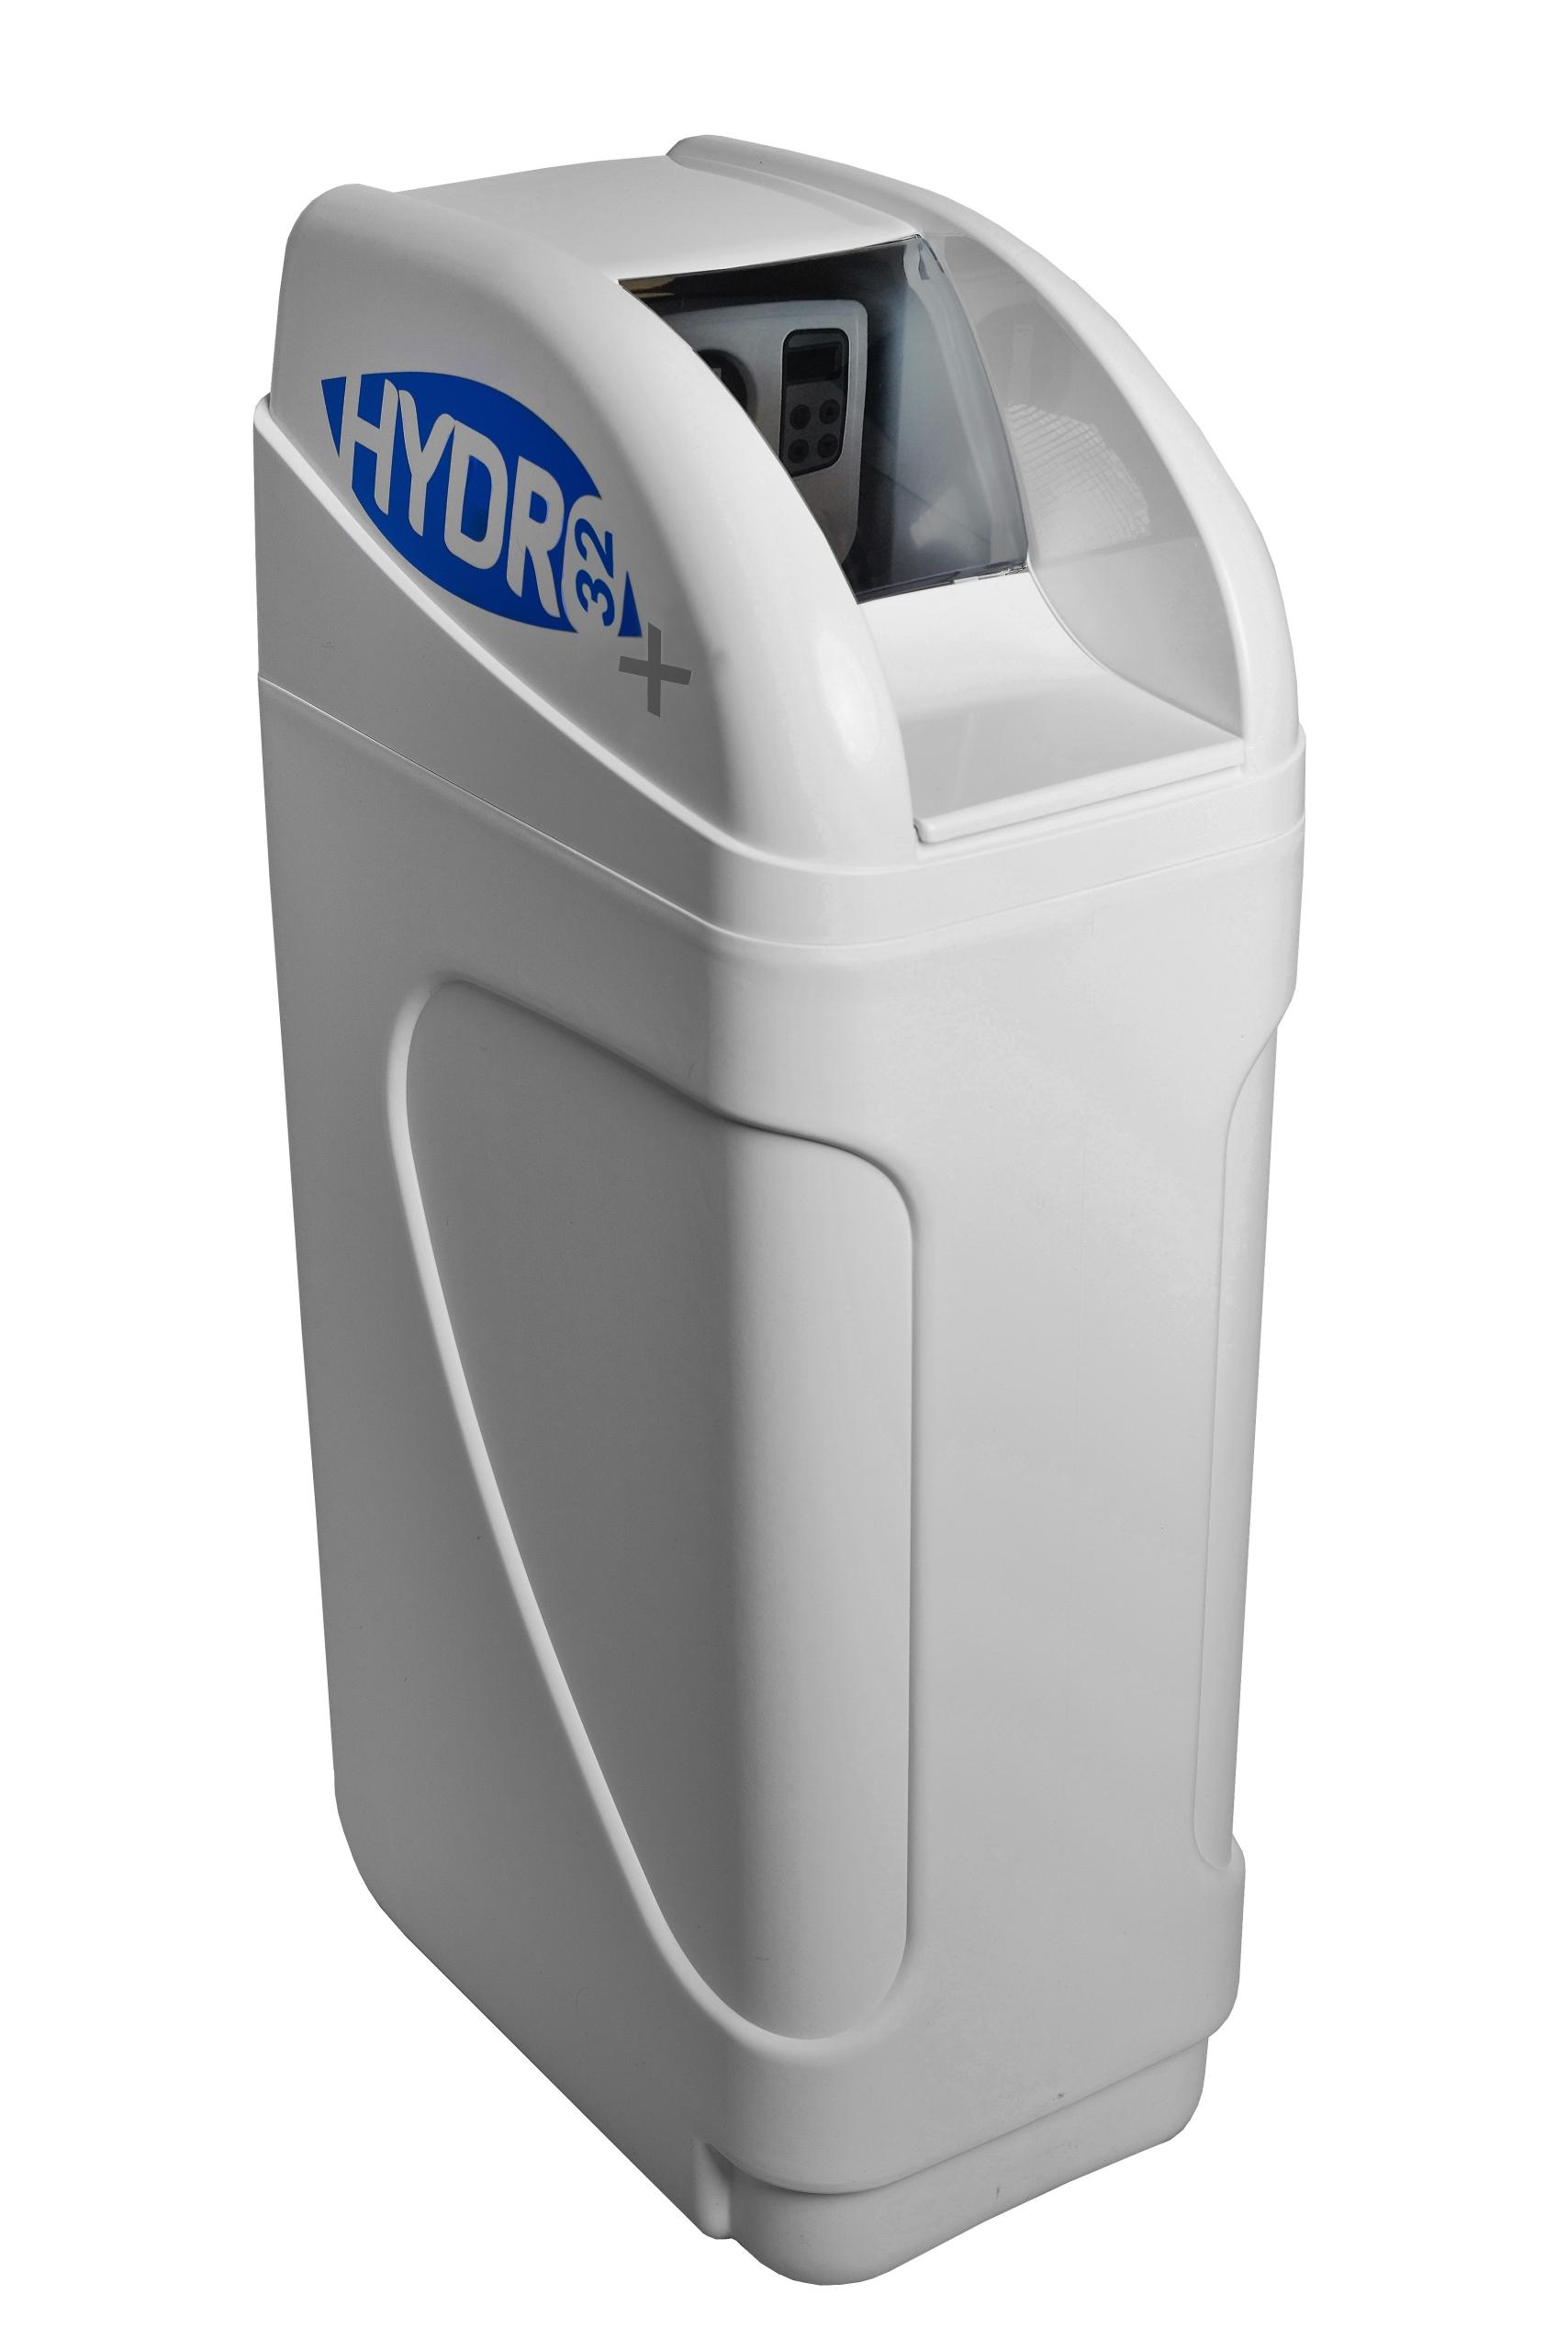 Podłączyć zmiękczacz wody do tyłu